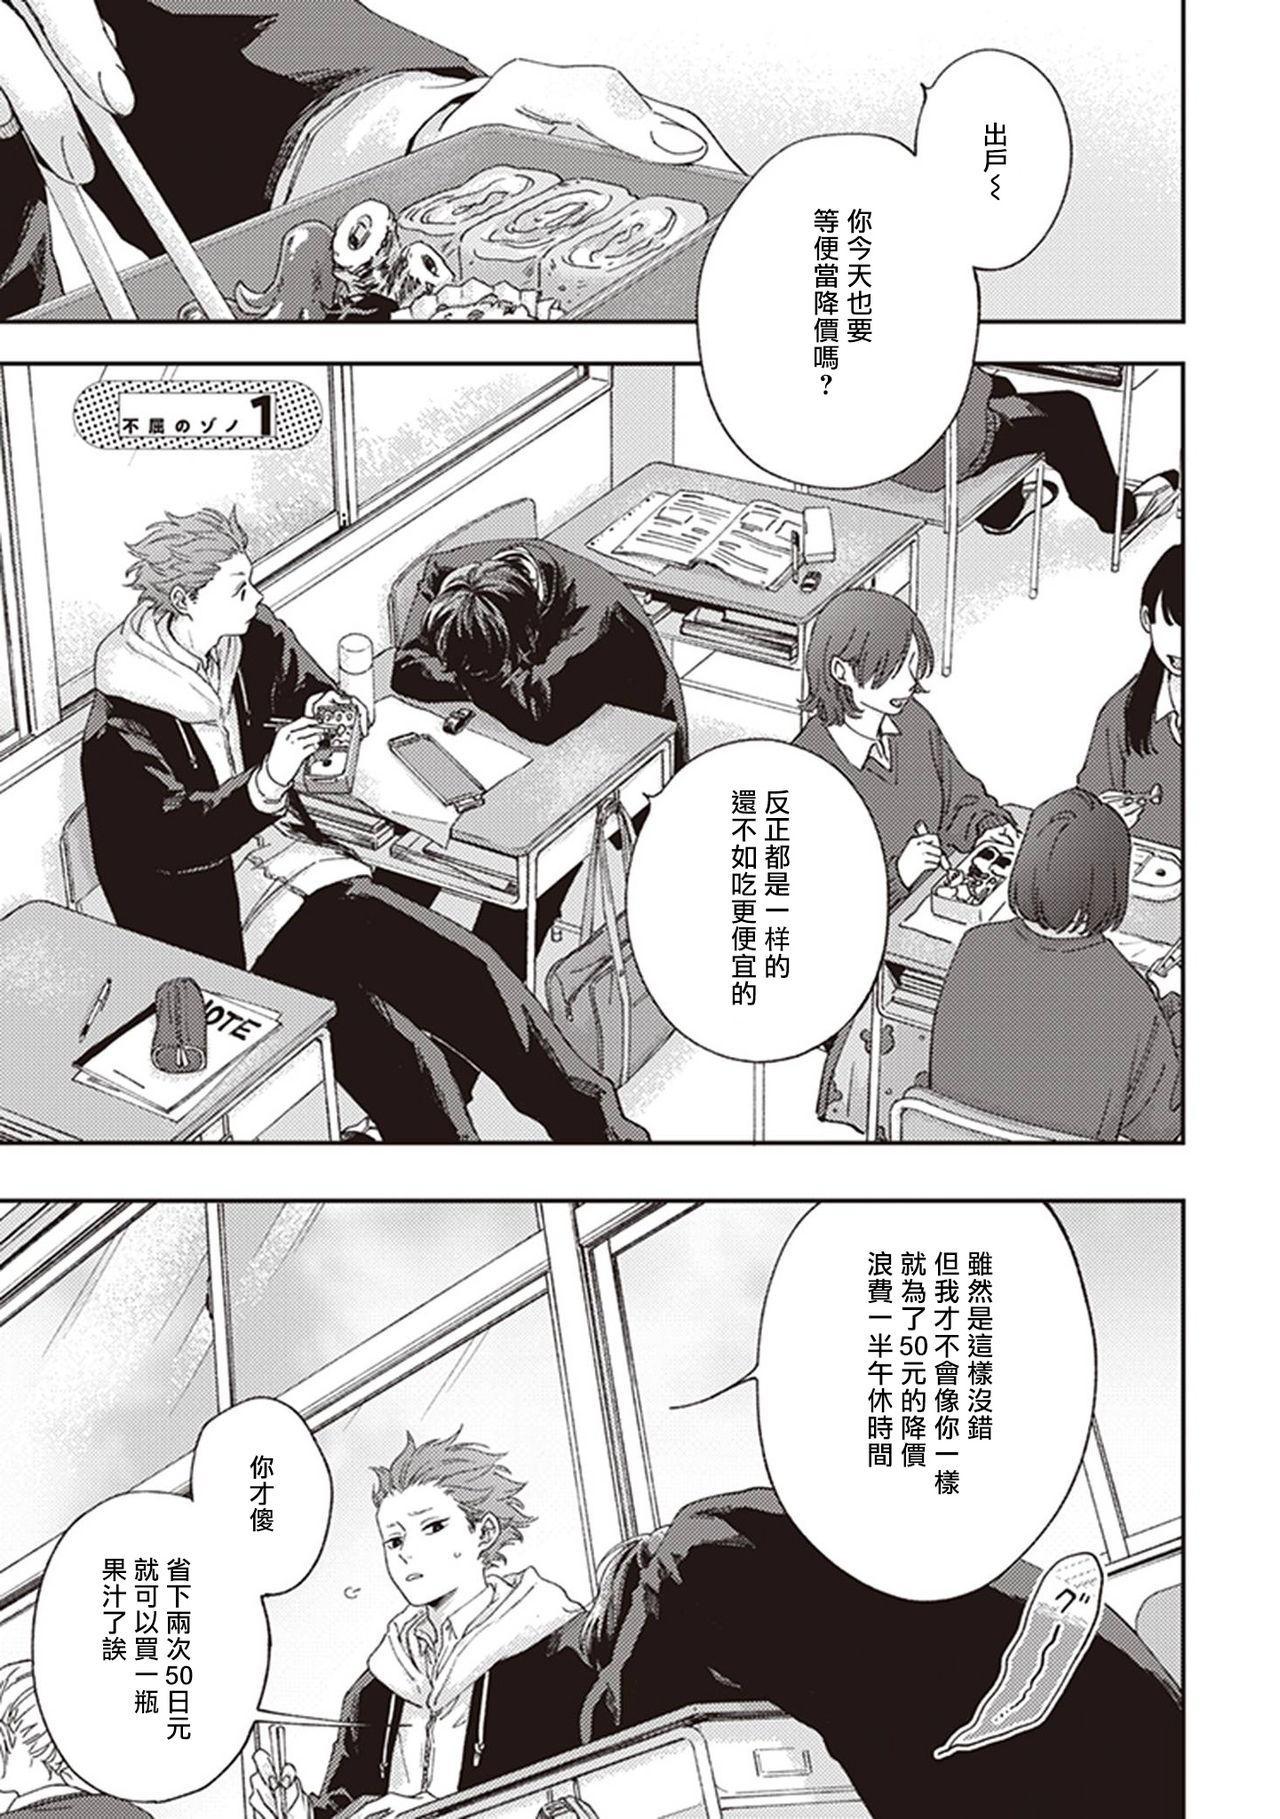 Fukutsu no Zono   不屈的佐诺 Ch. 1-3 4